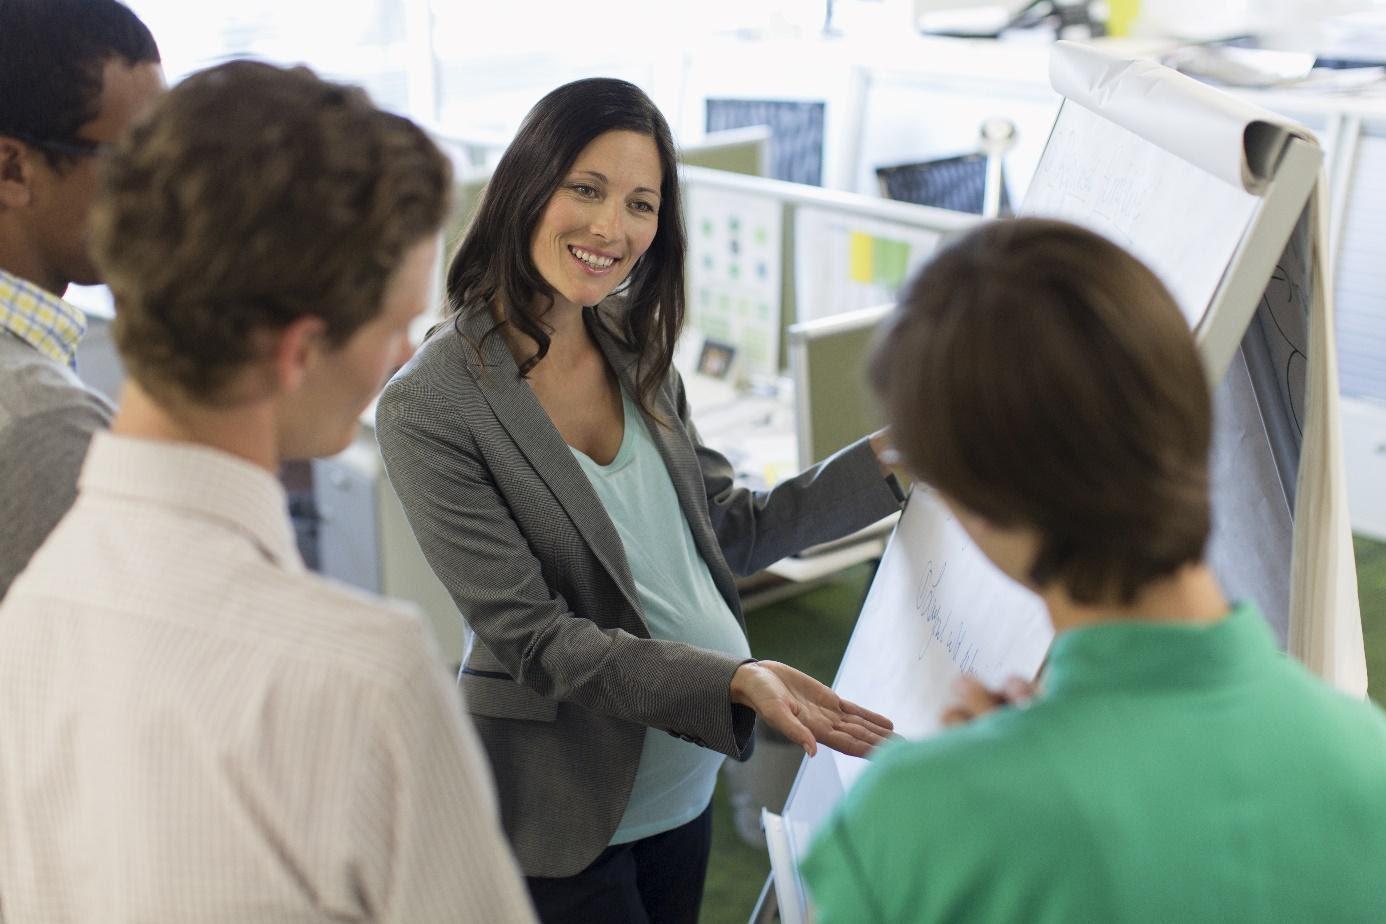 Agence publicite1 - Agence de publicité: exploitez les potentiels de votre entreprise